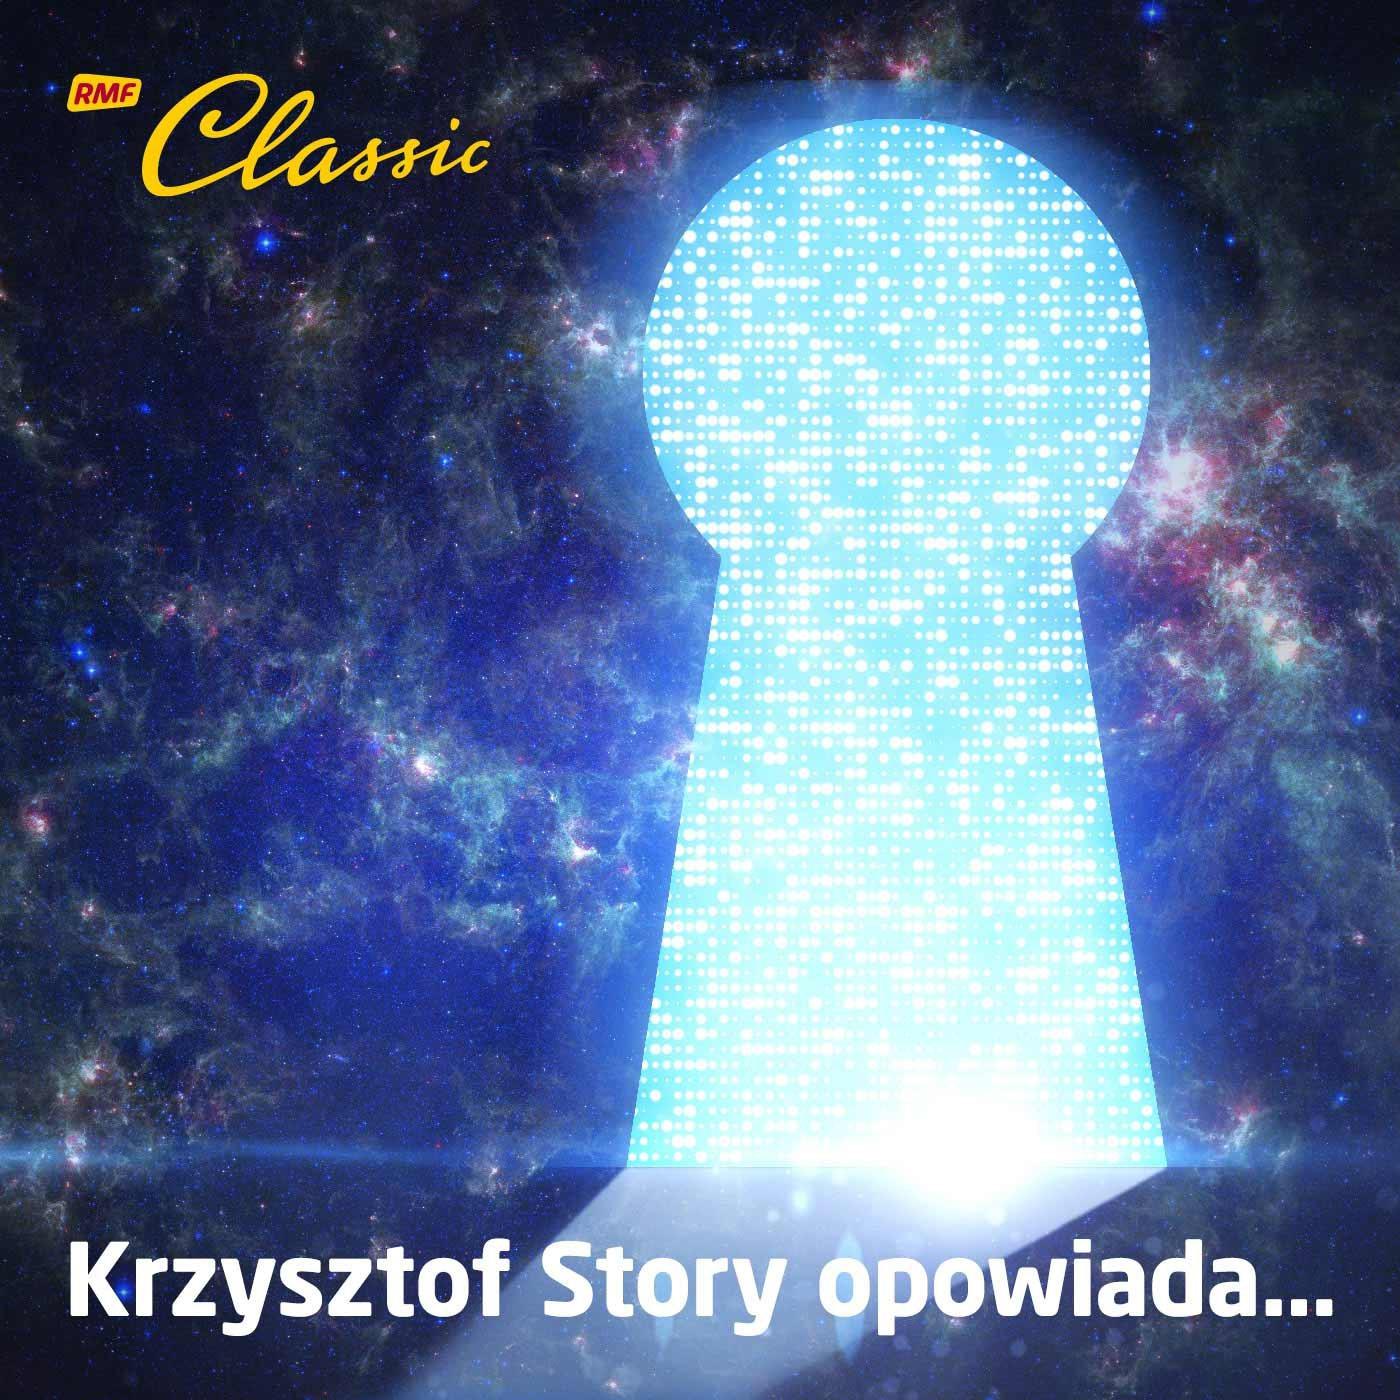 Krzysztof Story opowiada...